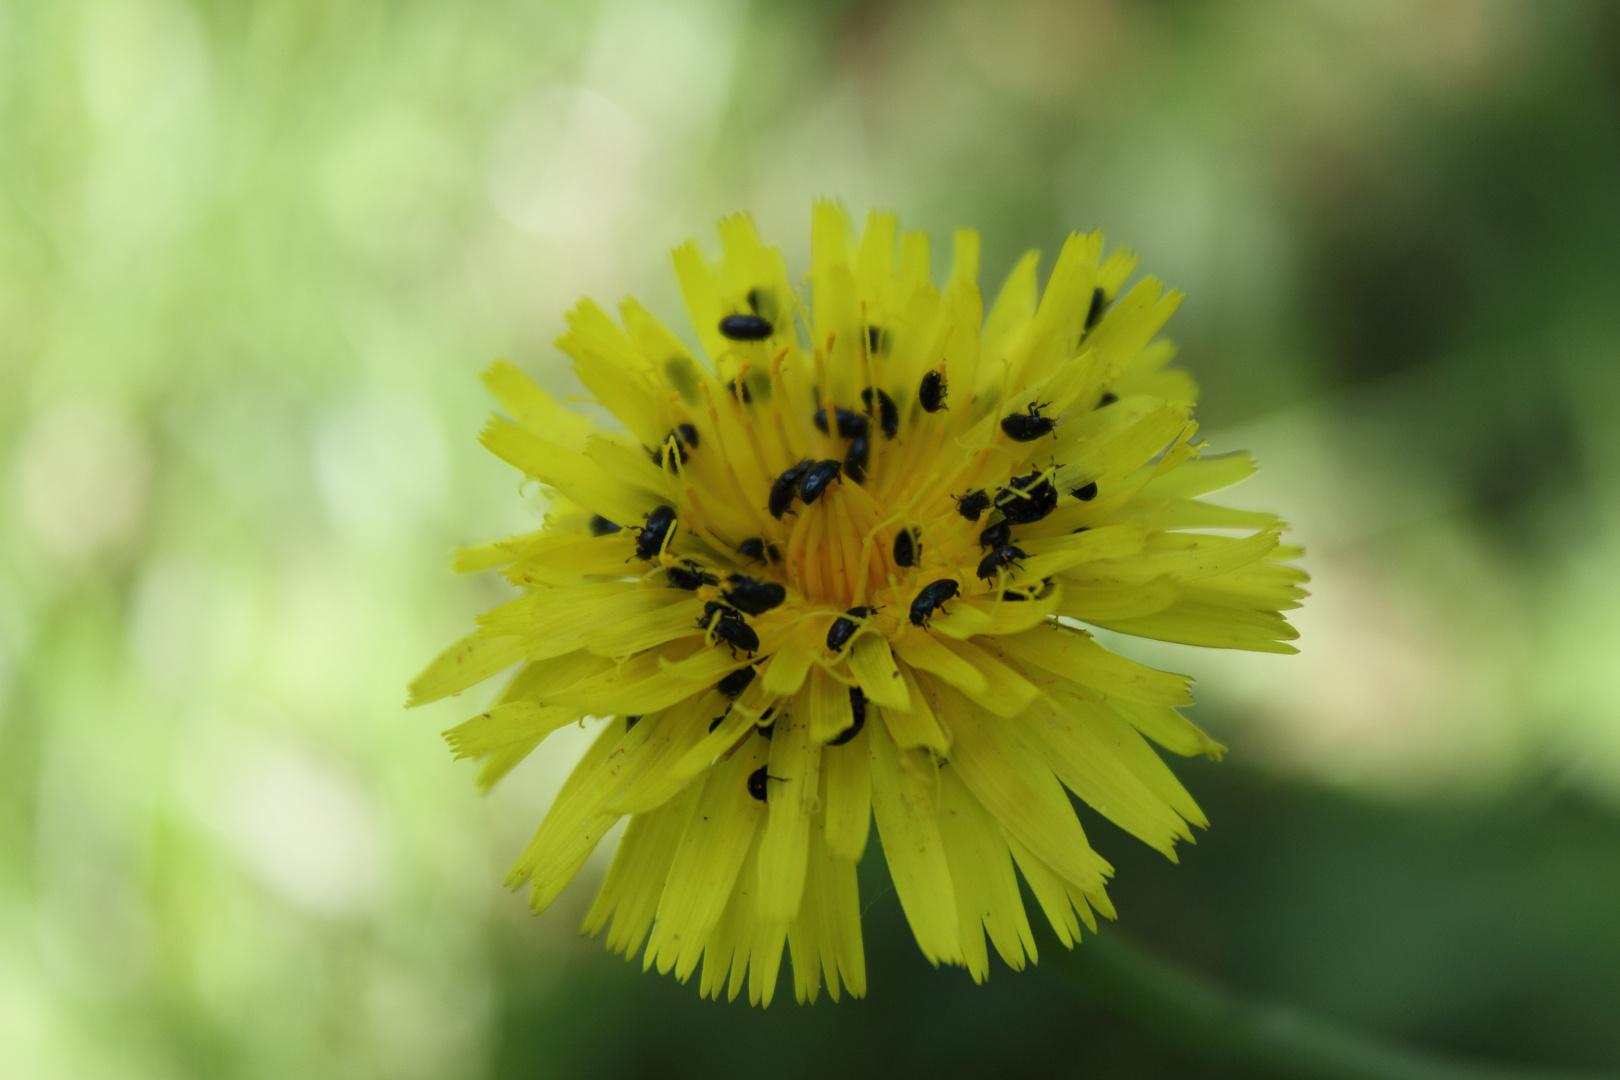 diese Käfer stehen auf gelbe Blumen